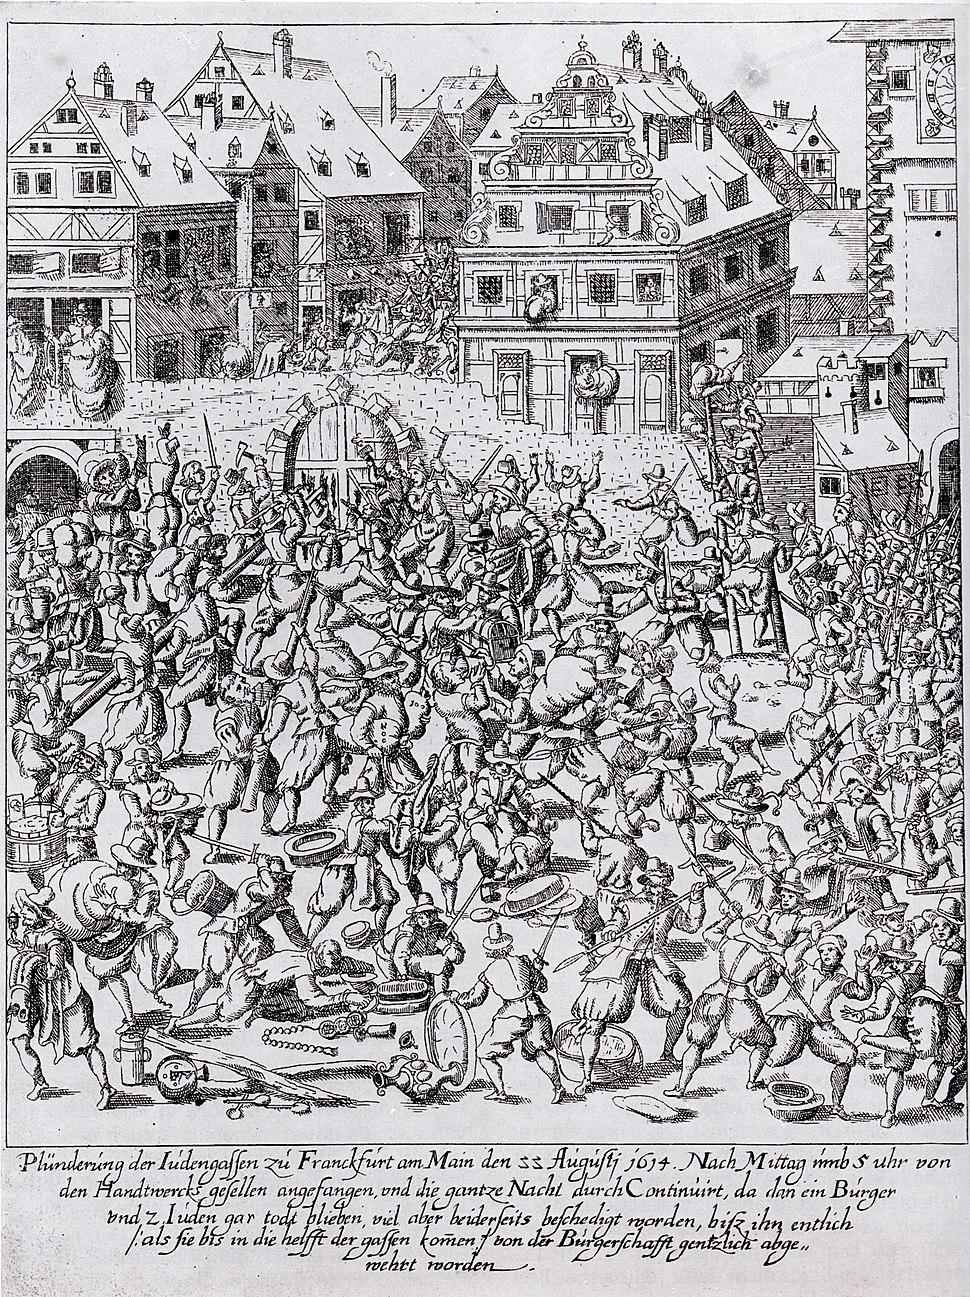 Pluenderung der Judengasse 1614